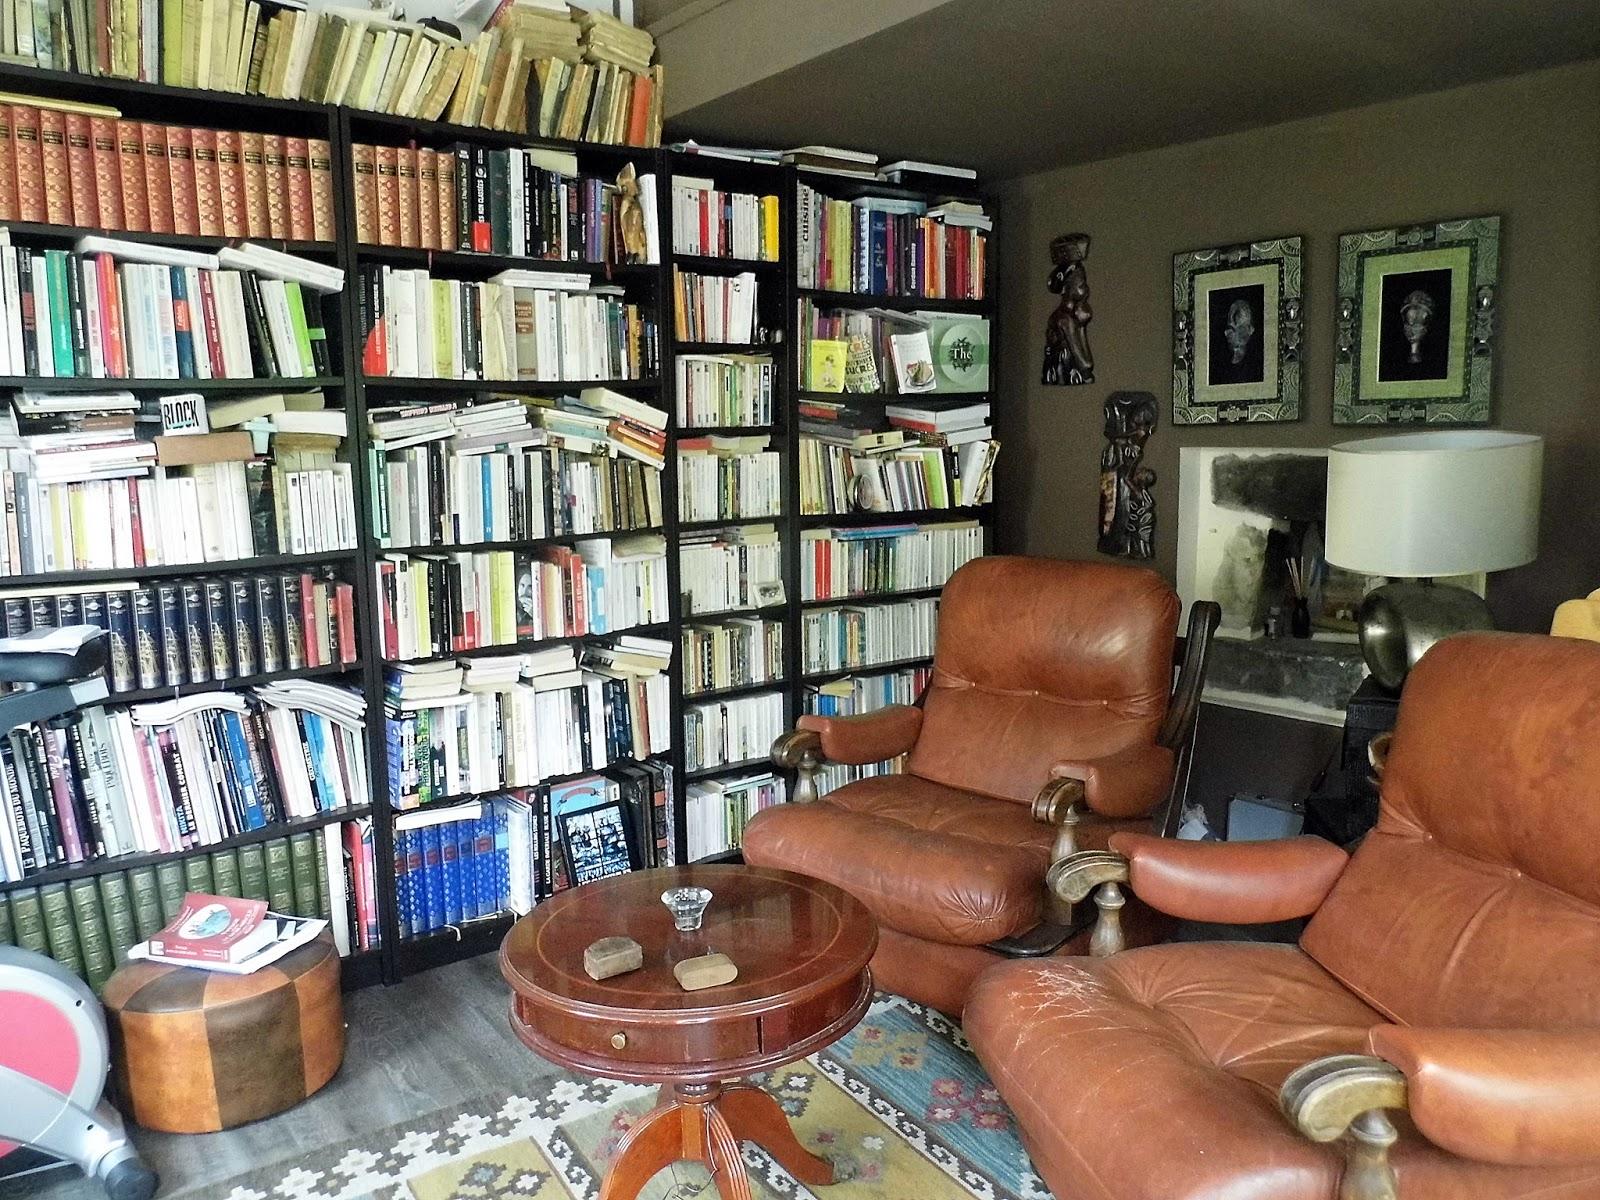 La maison du bonheur: Mes livres, mes étagères, mon bordel